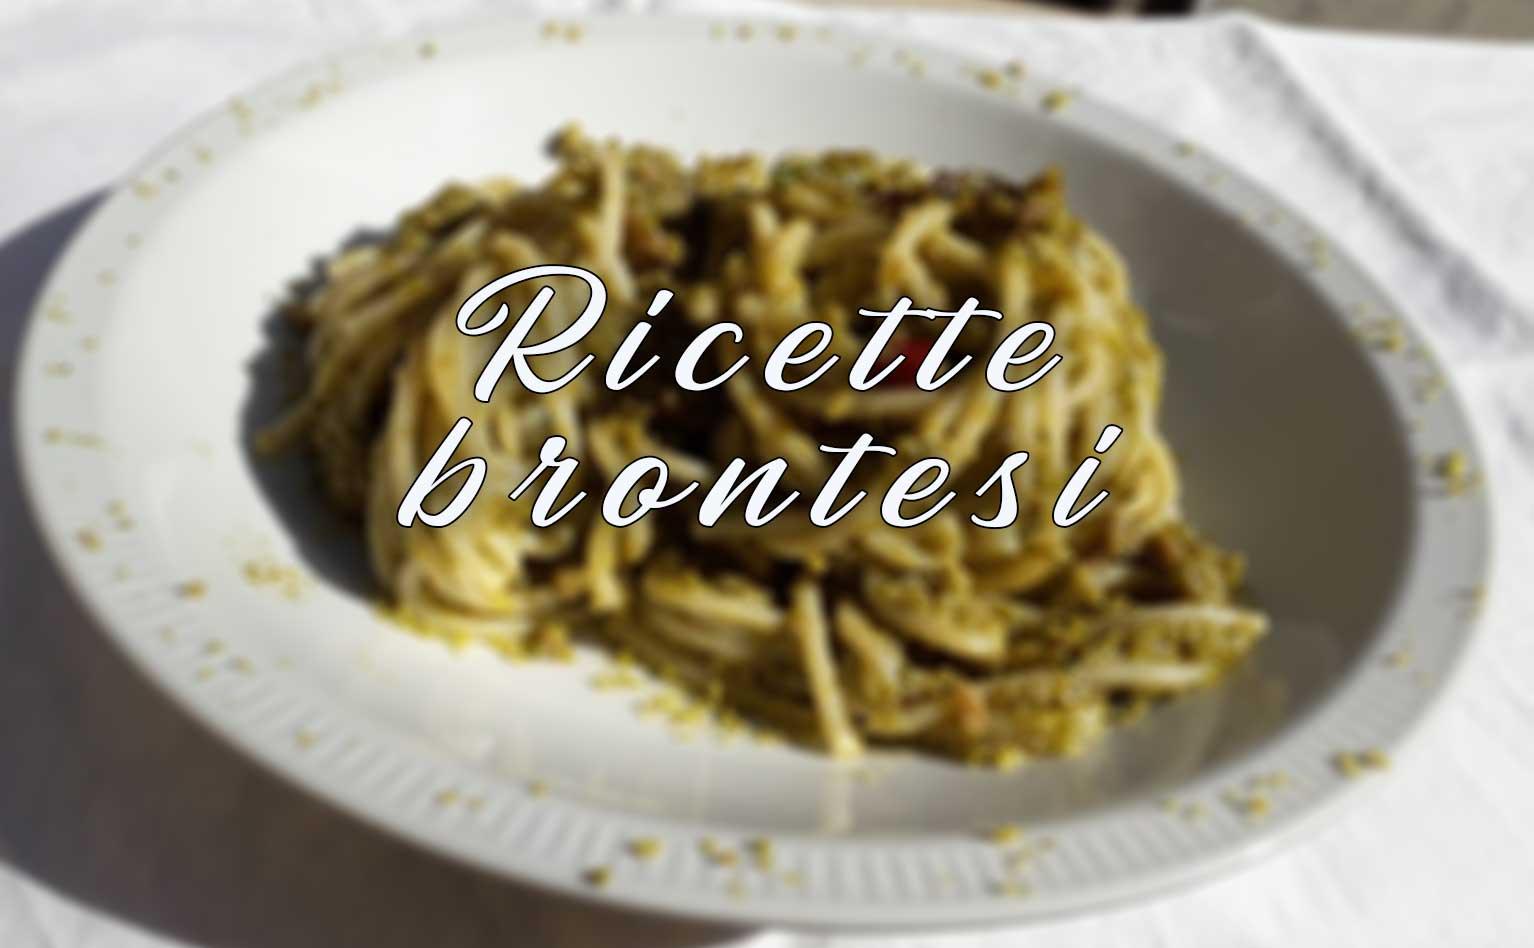 Ricette brontesi: spaghetti acciughe e pistacchio